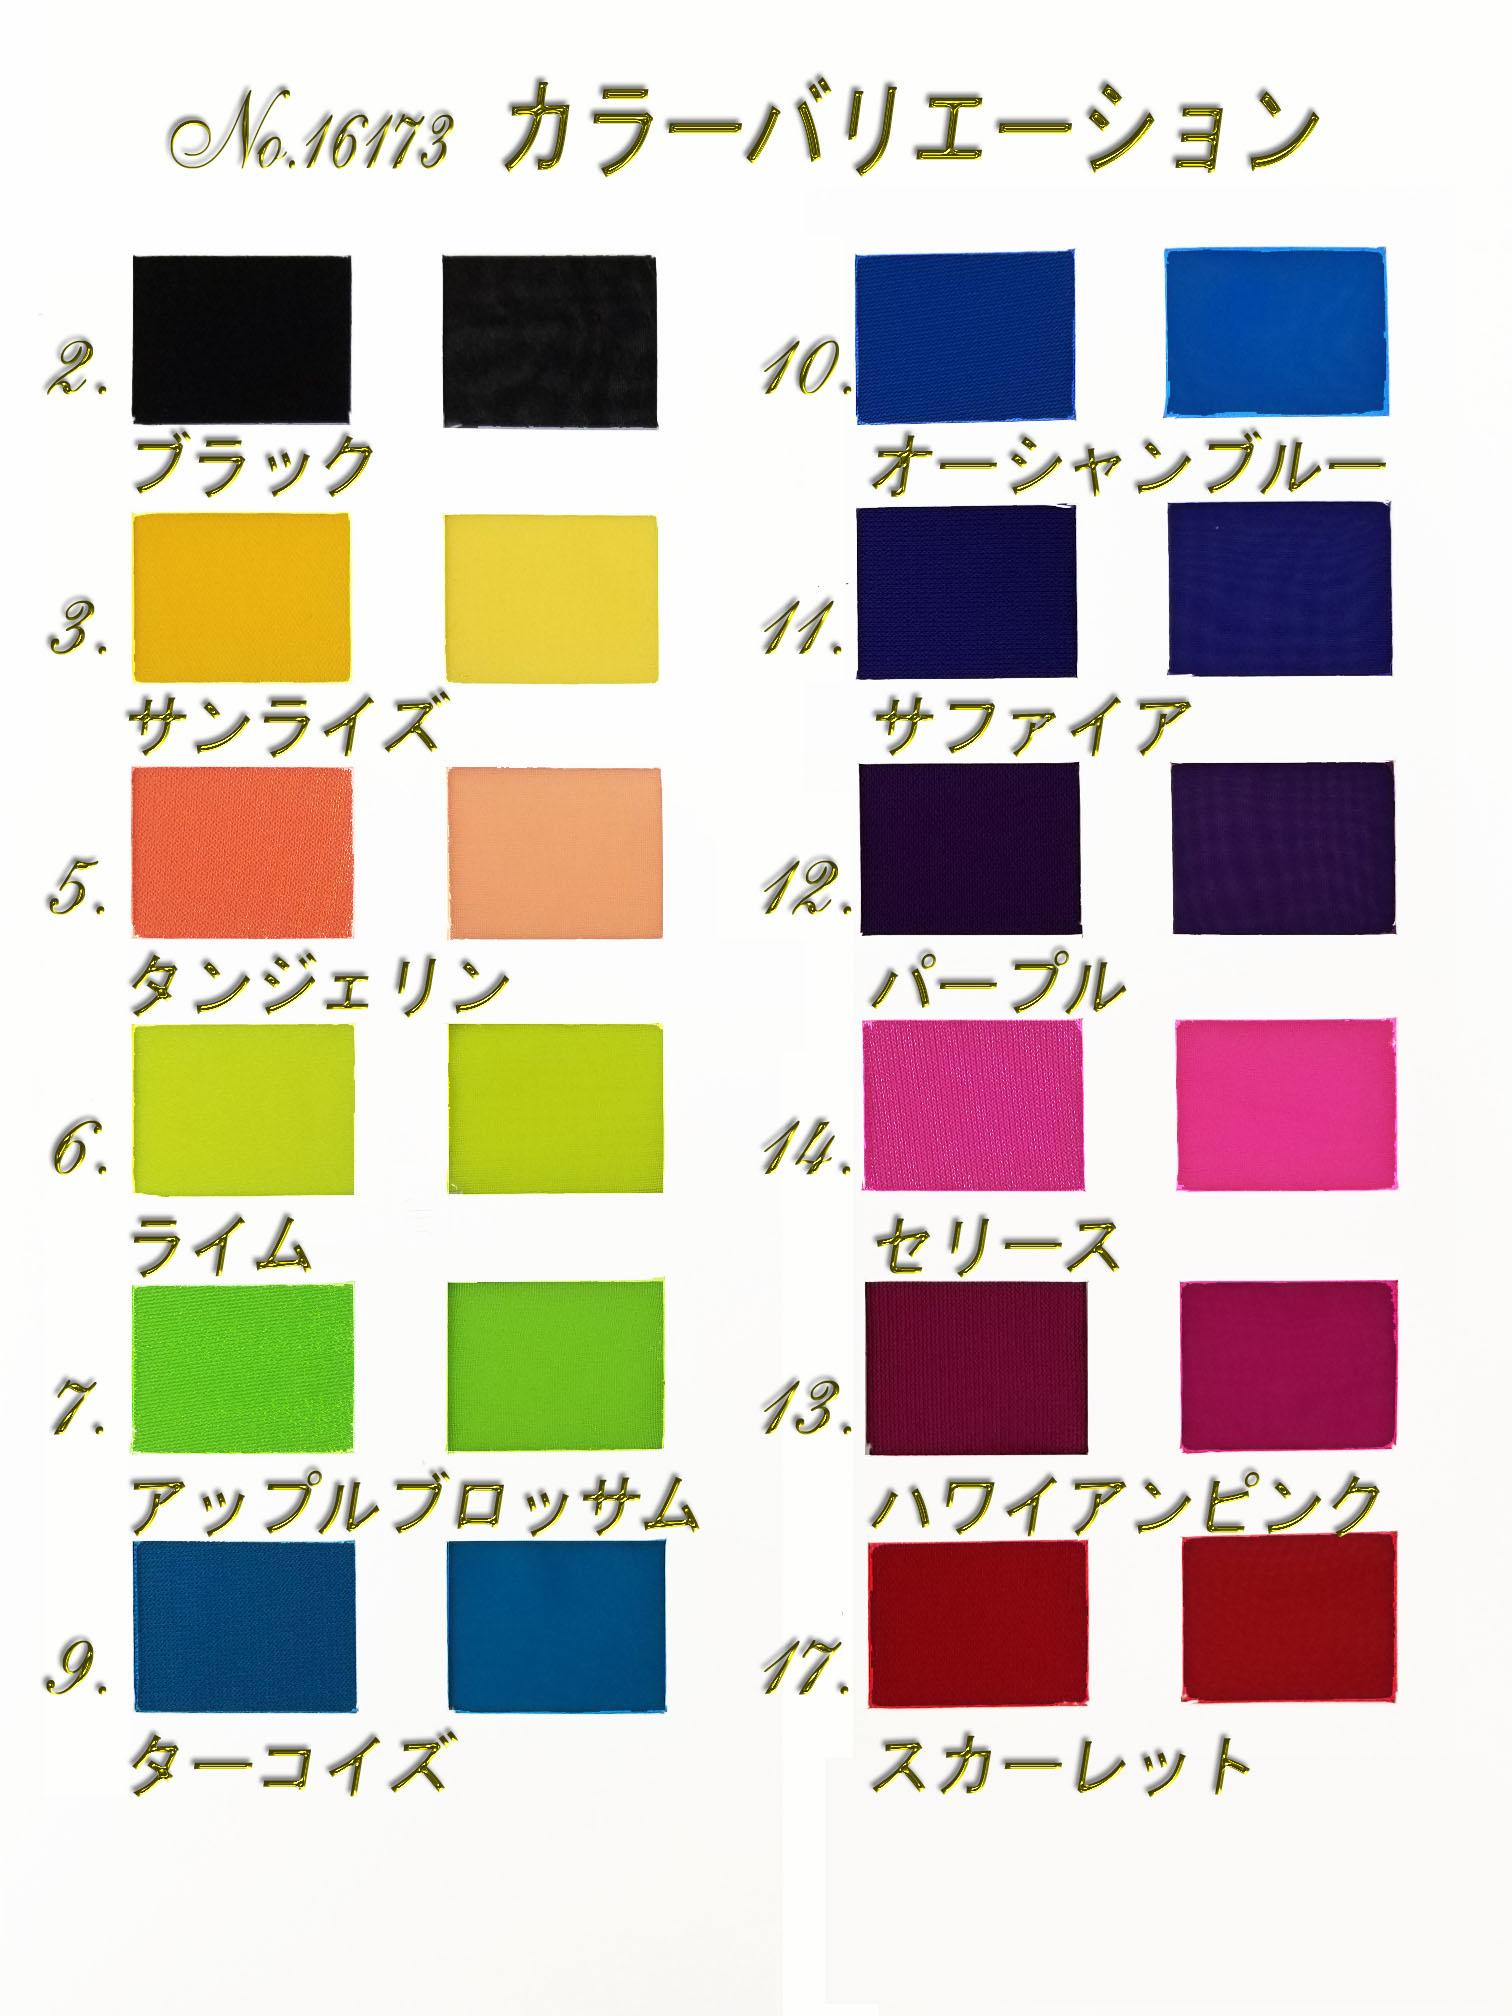 ベスト+スカート上下セット NO.16173-カラーバリエーション